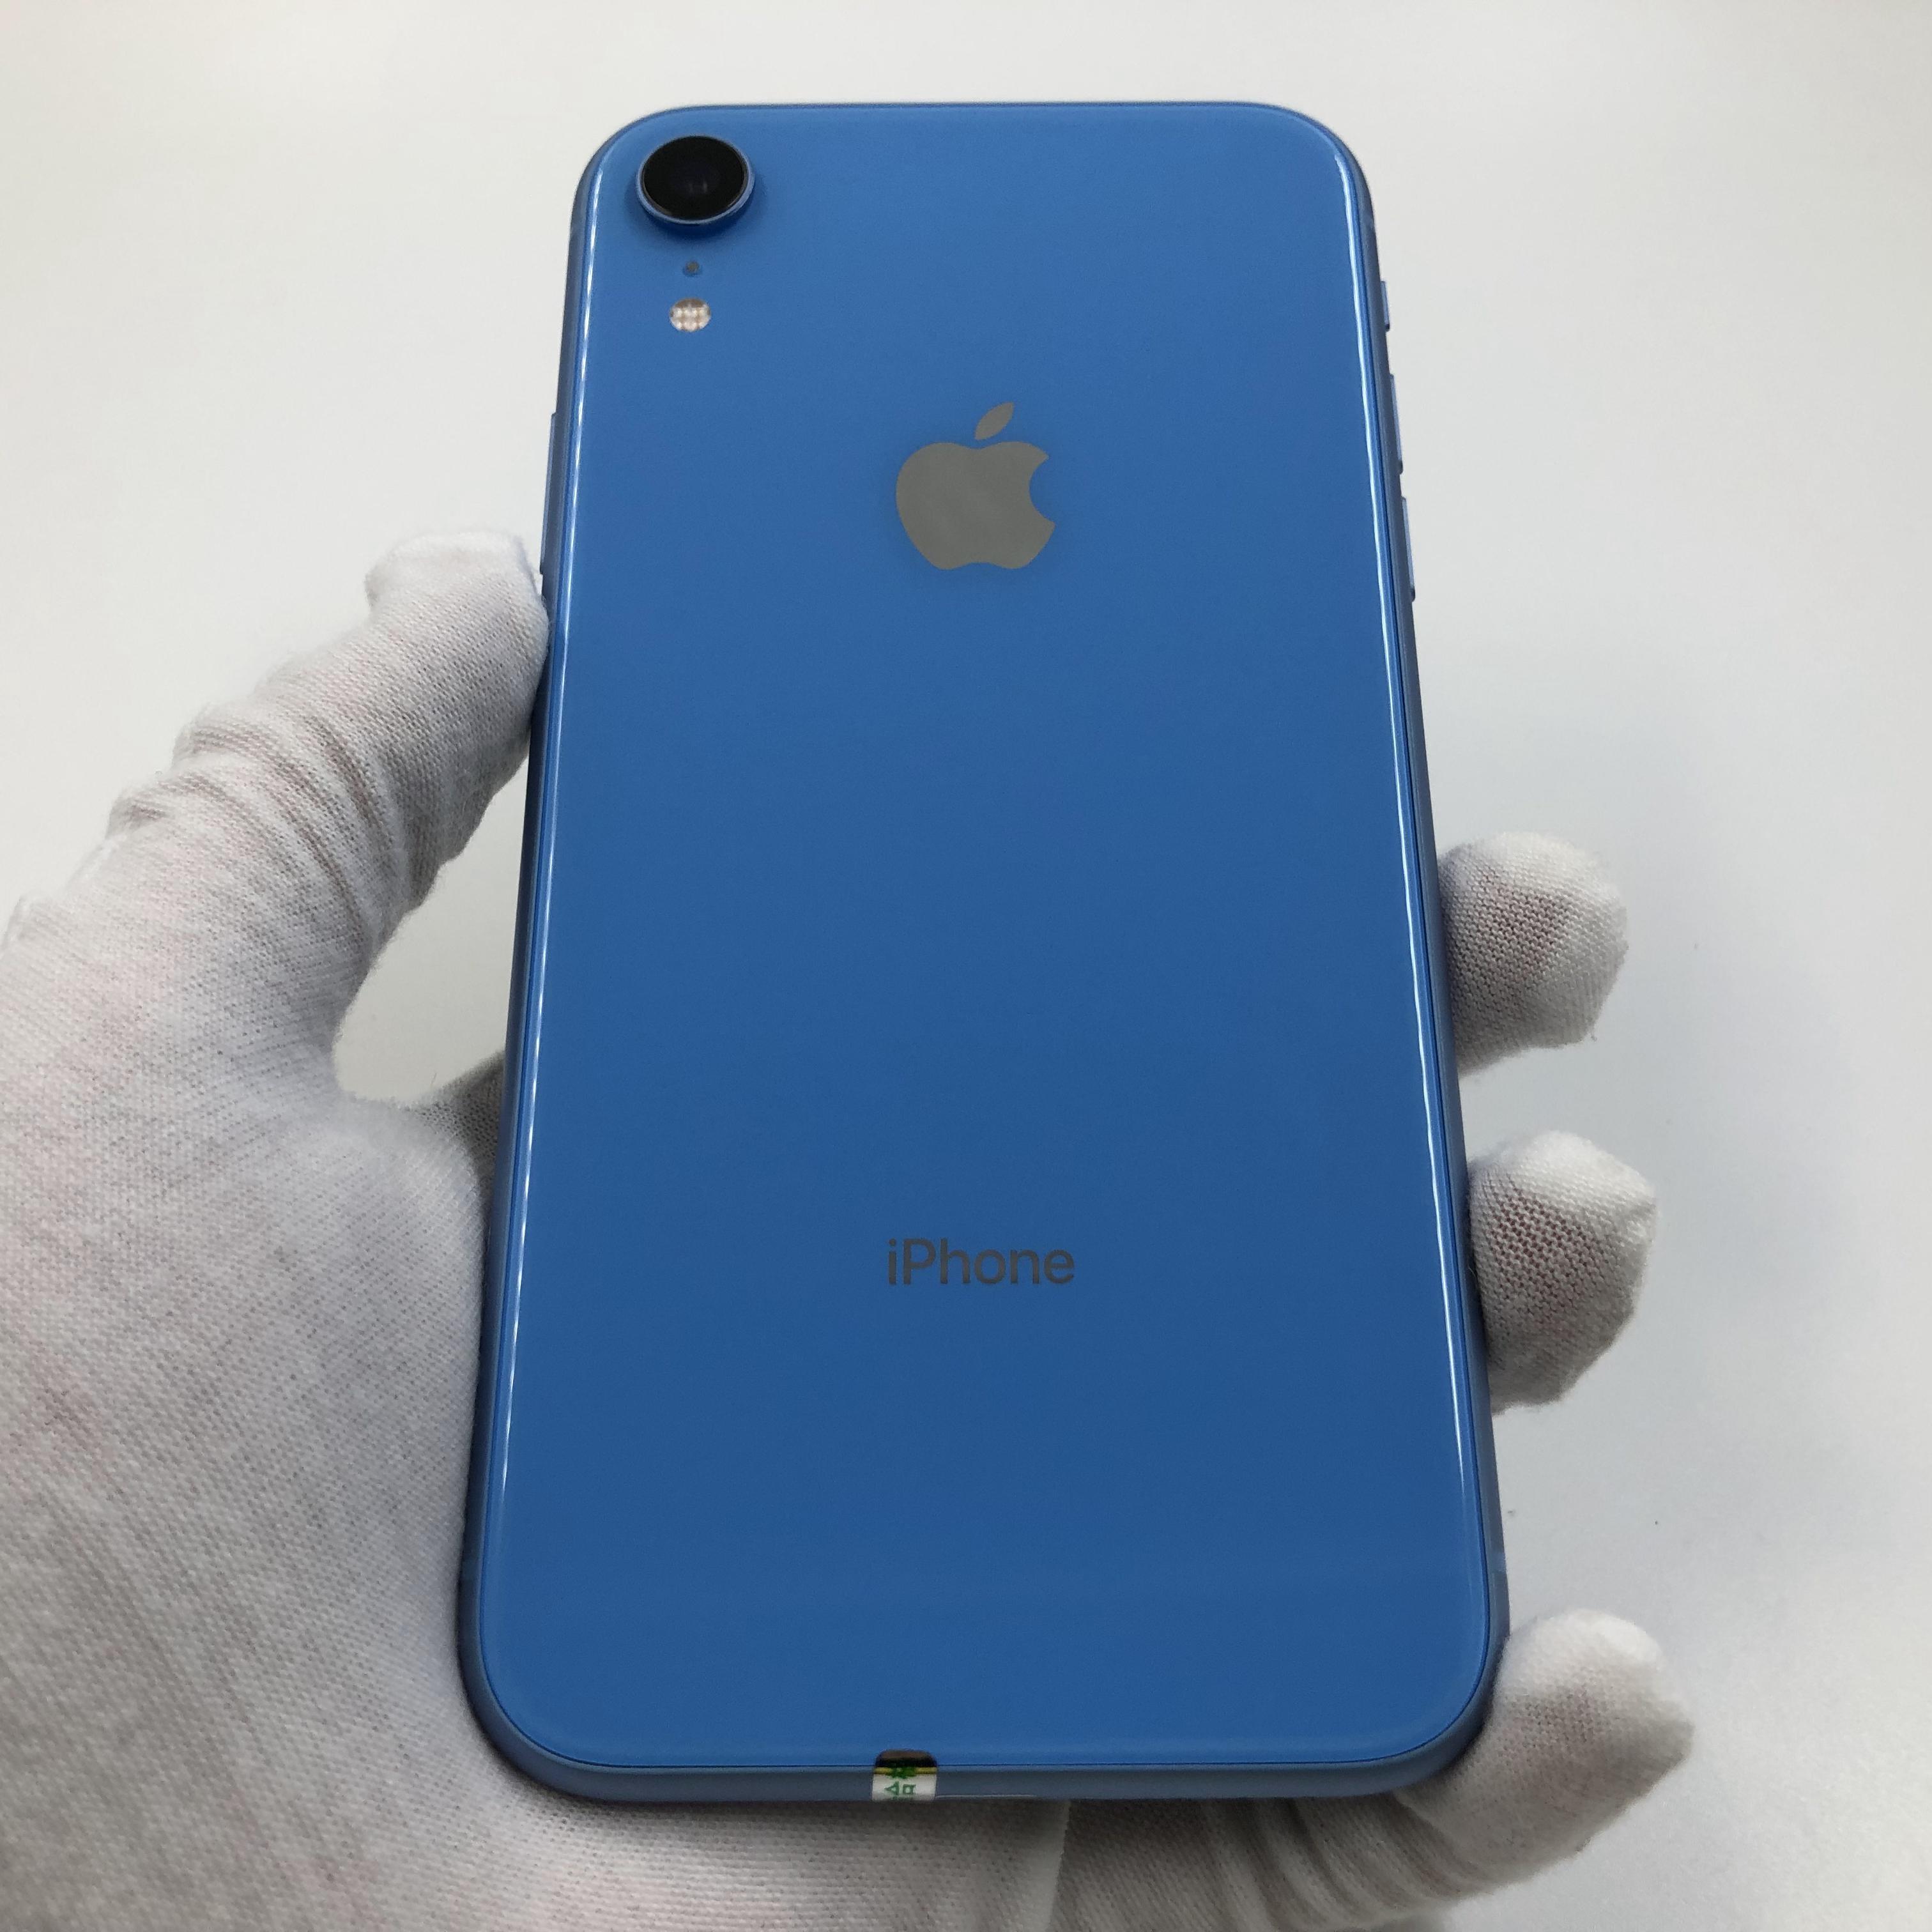 苹果【iPhone XR】4G全网通 蓝色 128G 国行 95新 真机实拍